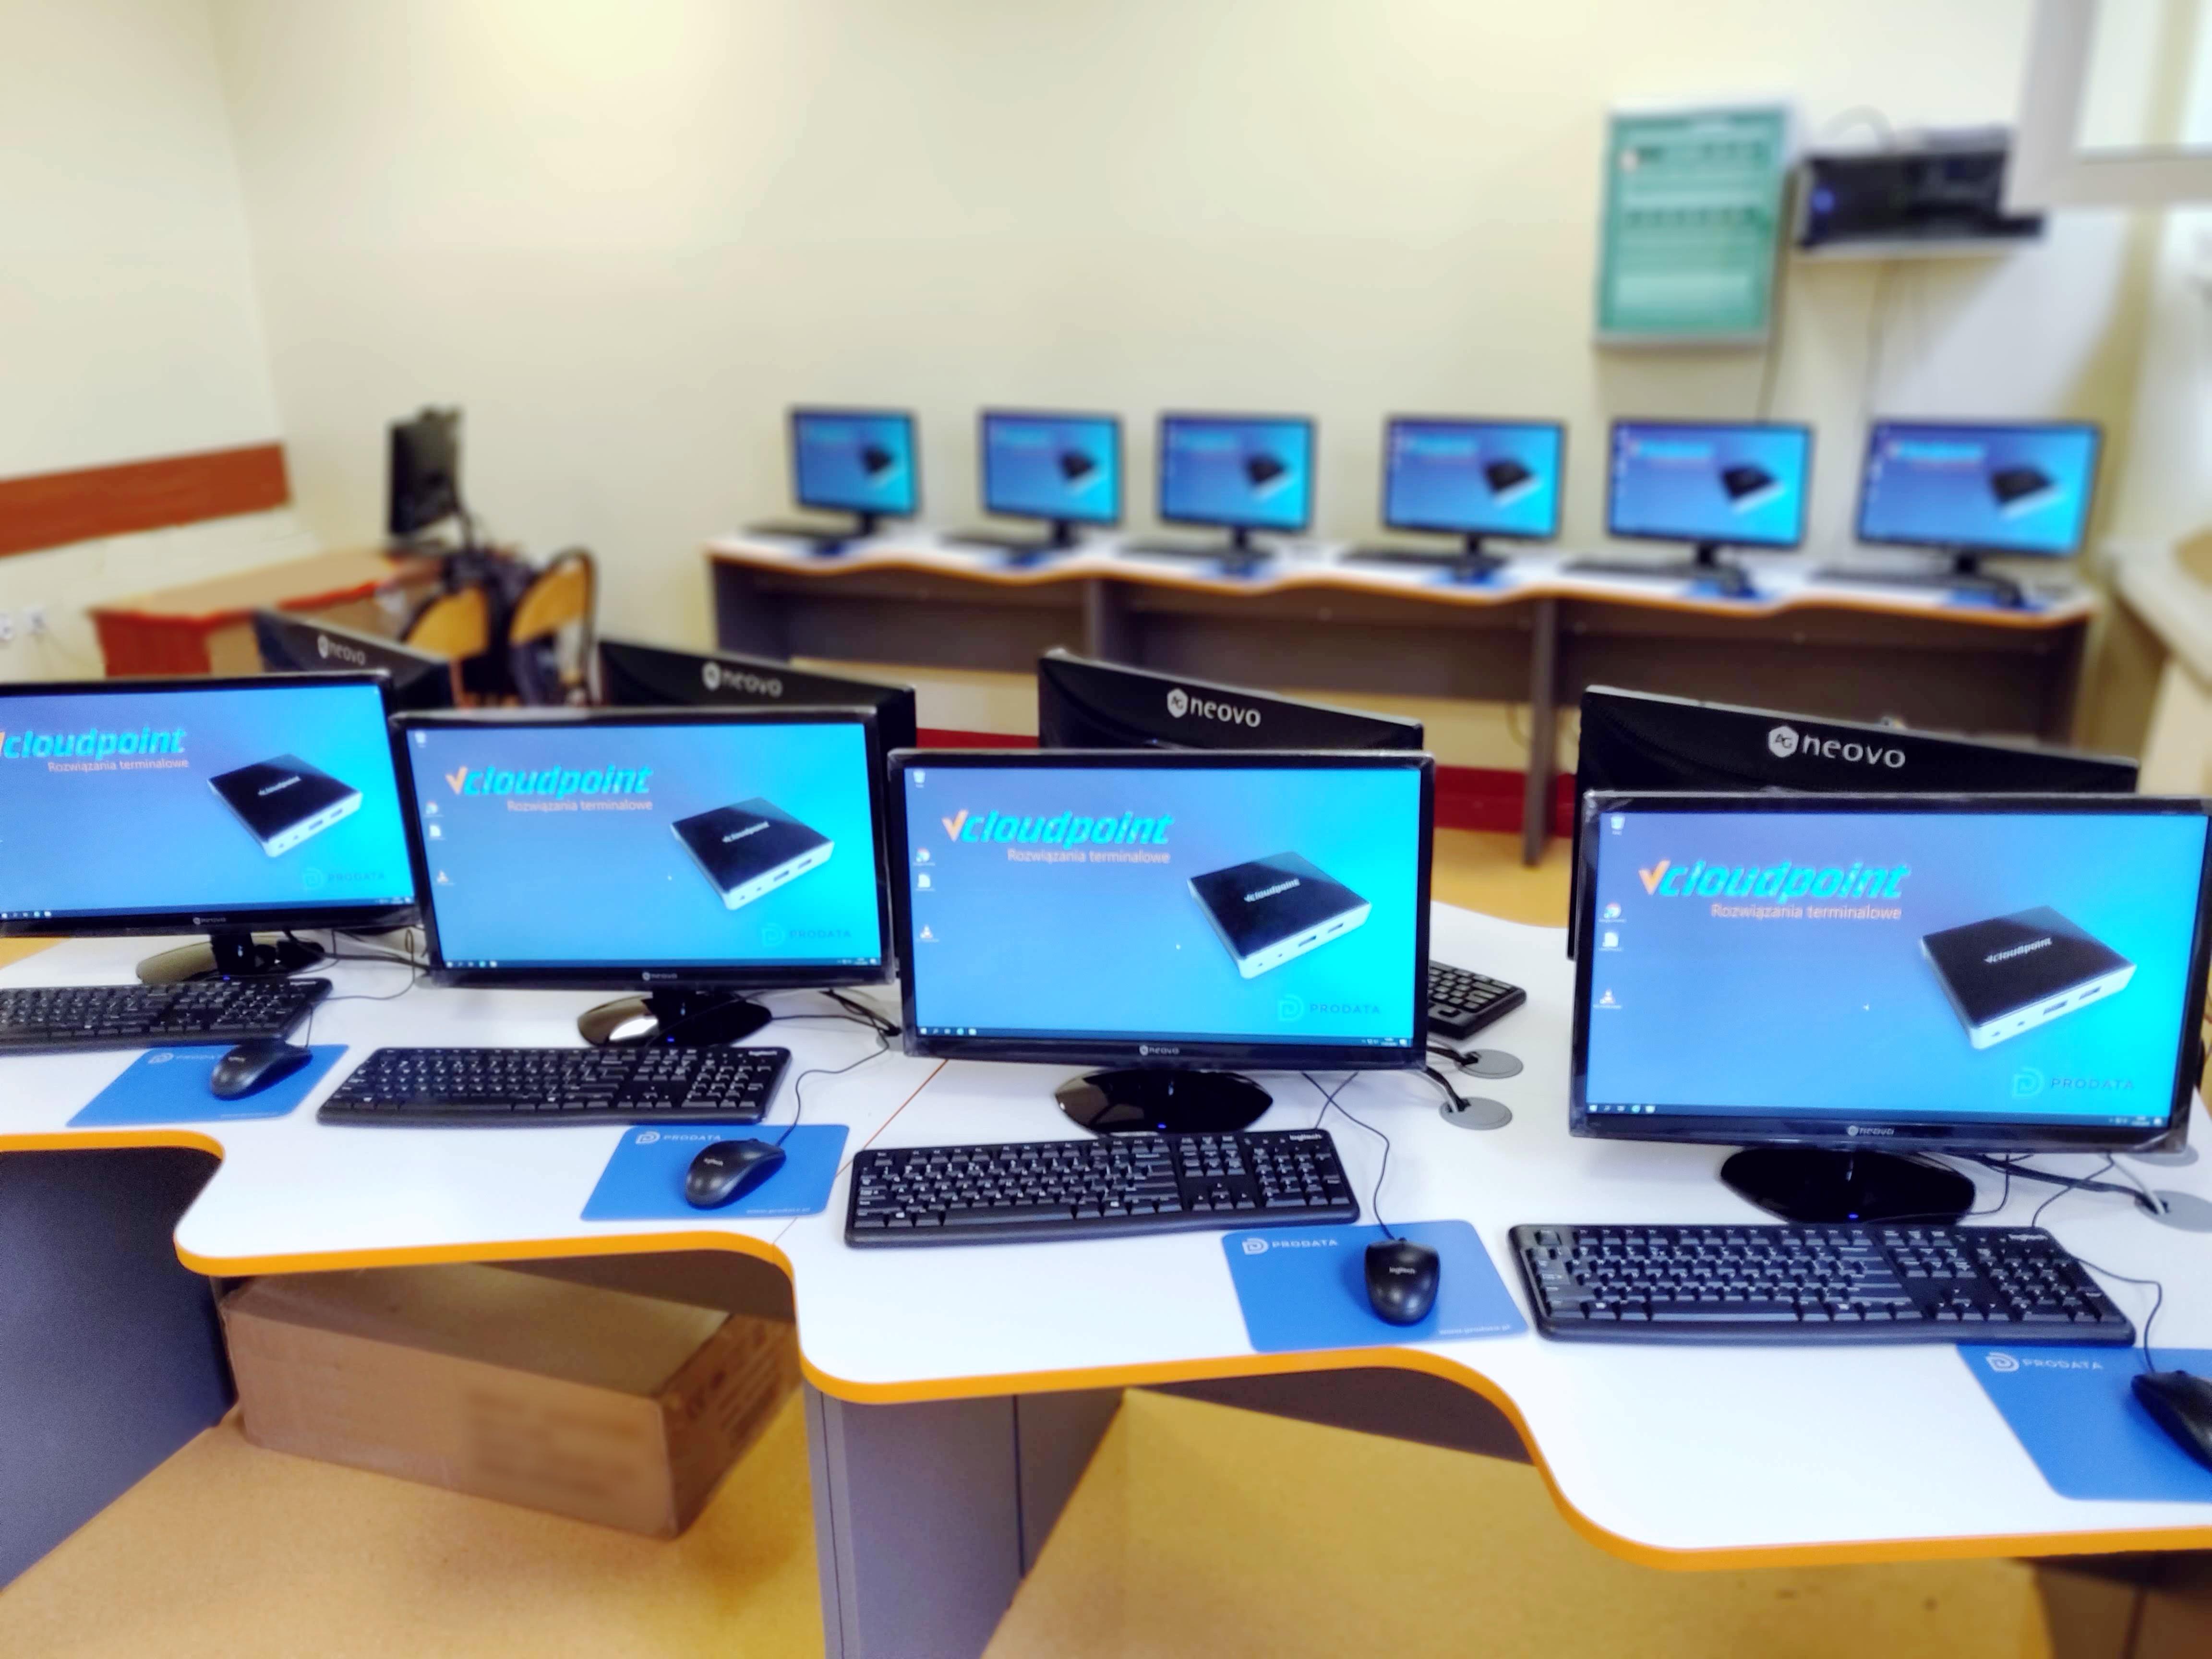 Pracownia komputerowa terminalowa w Pleszewie - terminale vCLoudPoint